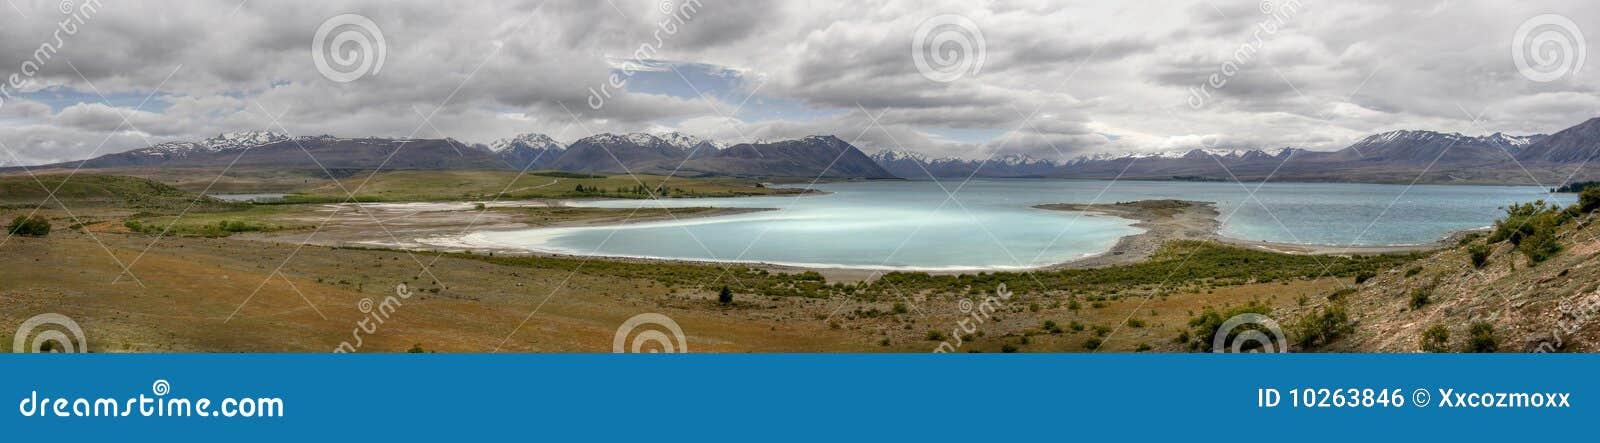 Panorama of lake tekapo in New Zealand